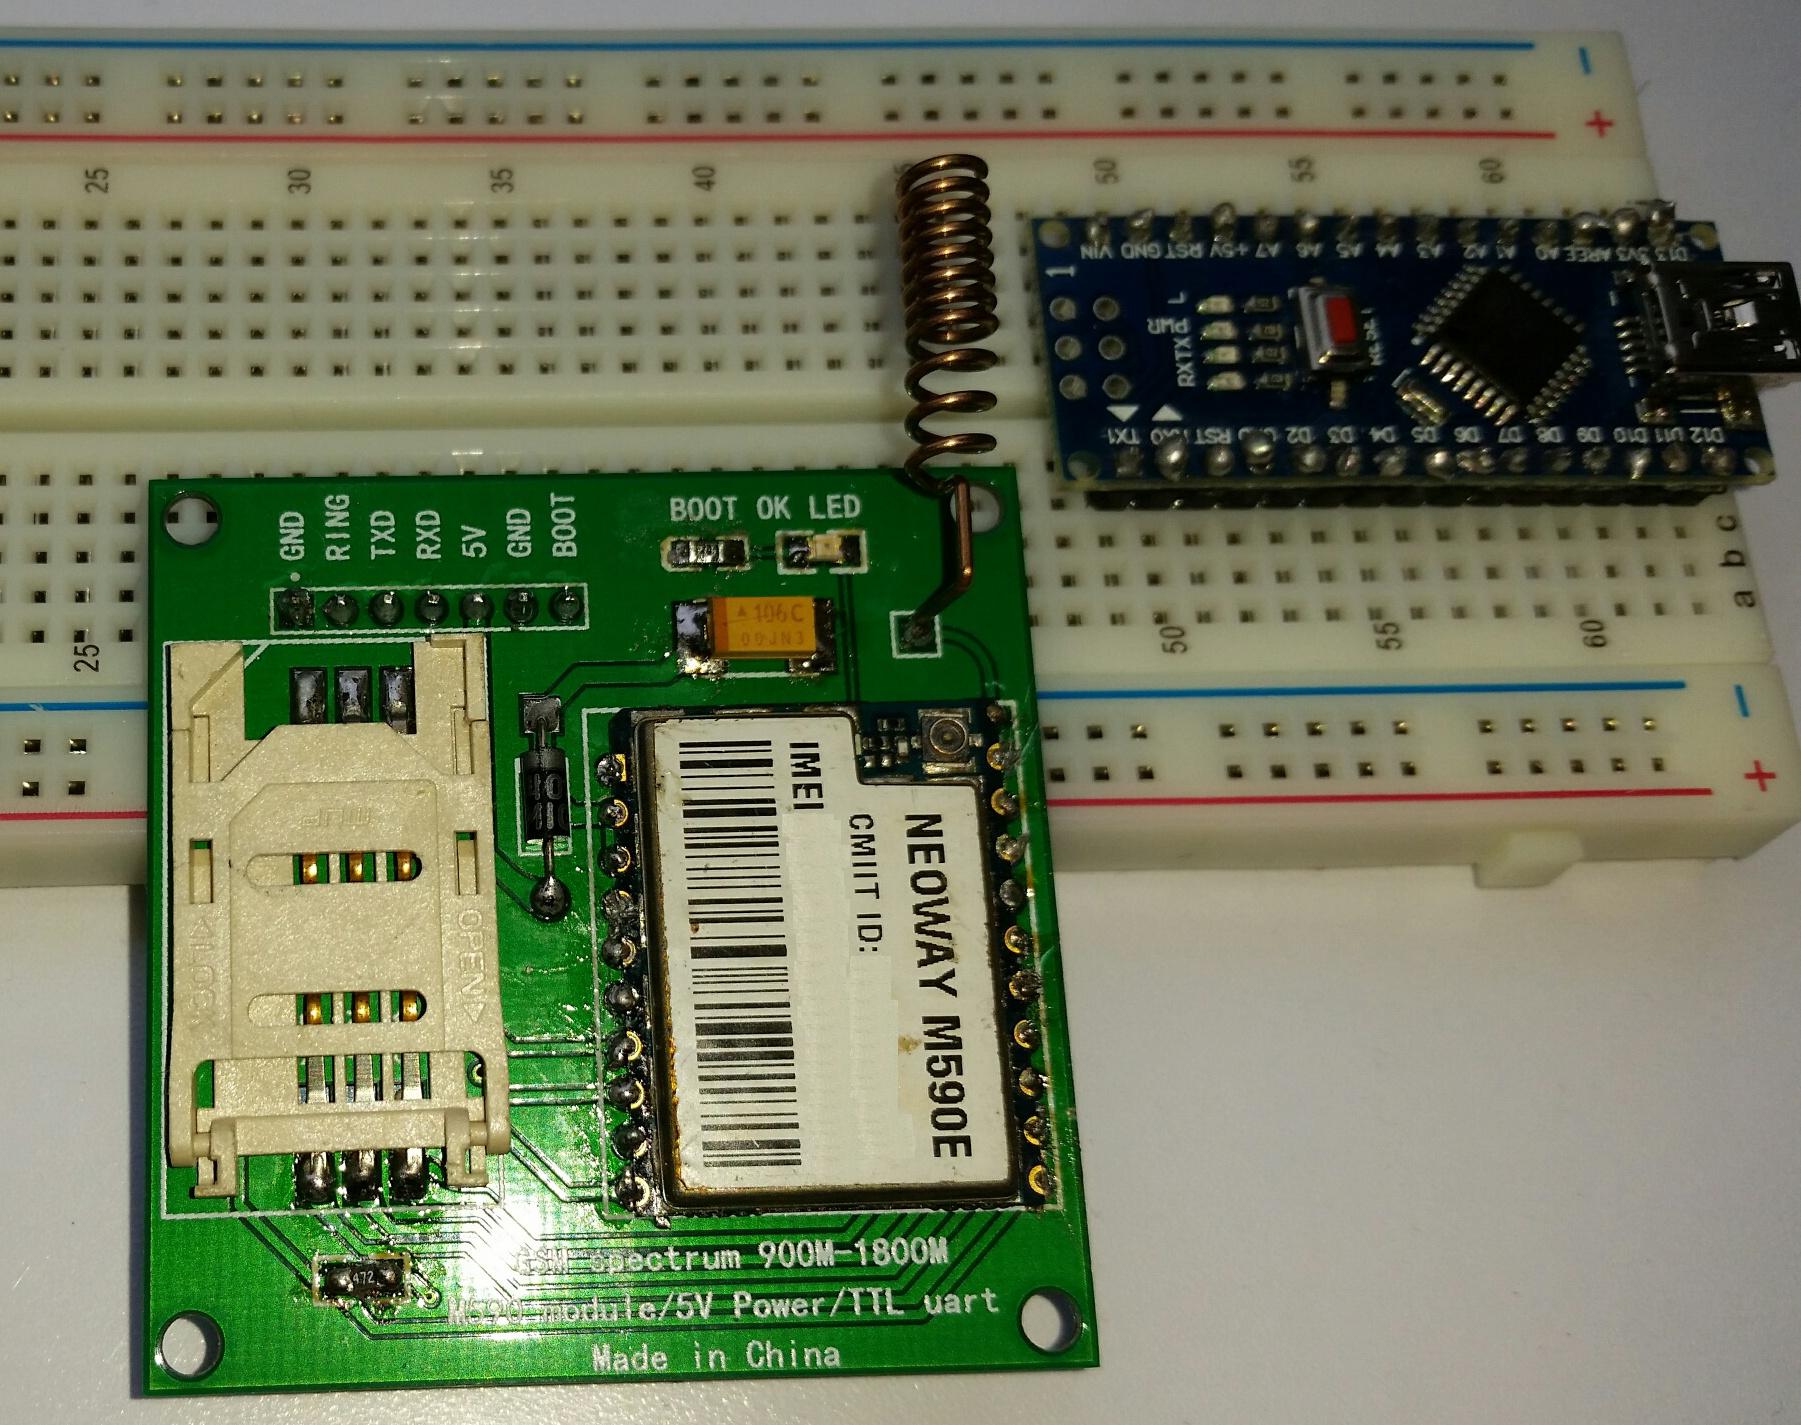 robotstorecz Dccduino Nano V30 ATmega328